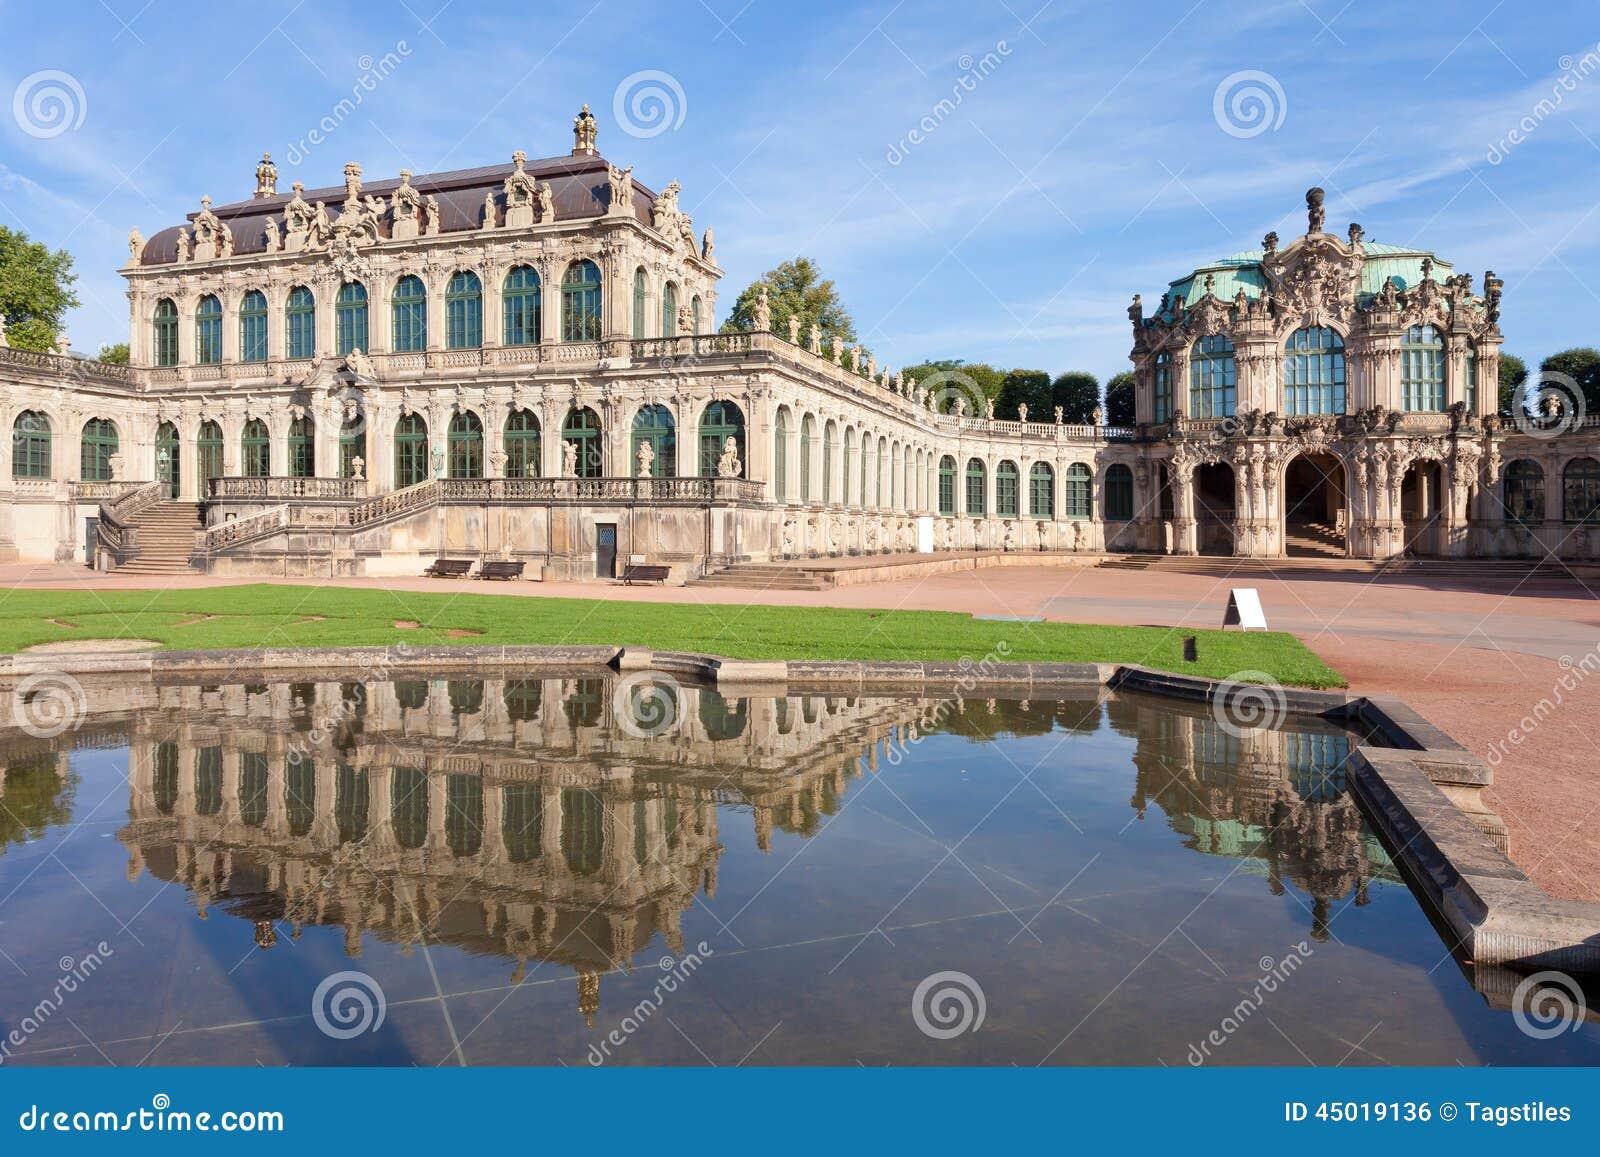 Download Dresden Zwinger stockfoto. Bild von stadt, frech, freizeit - 45019136